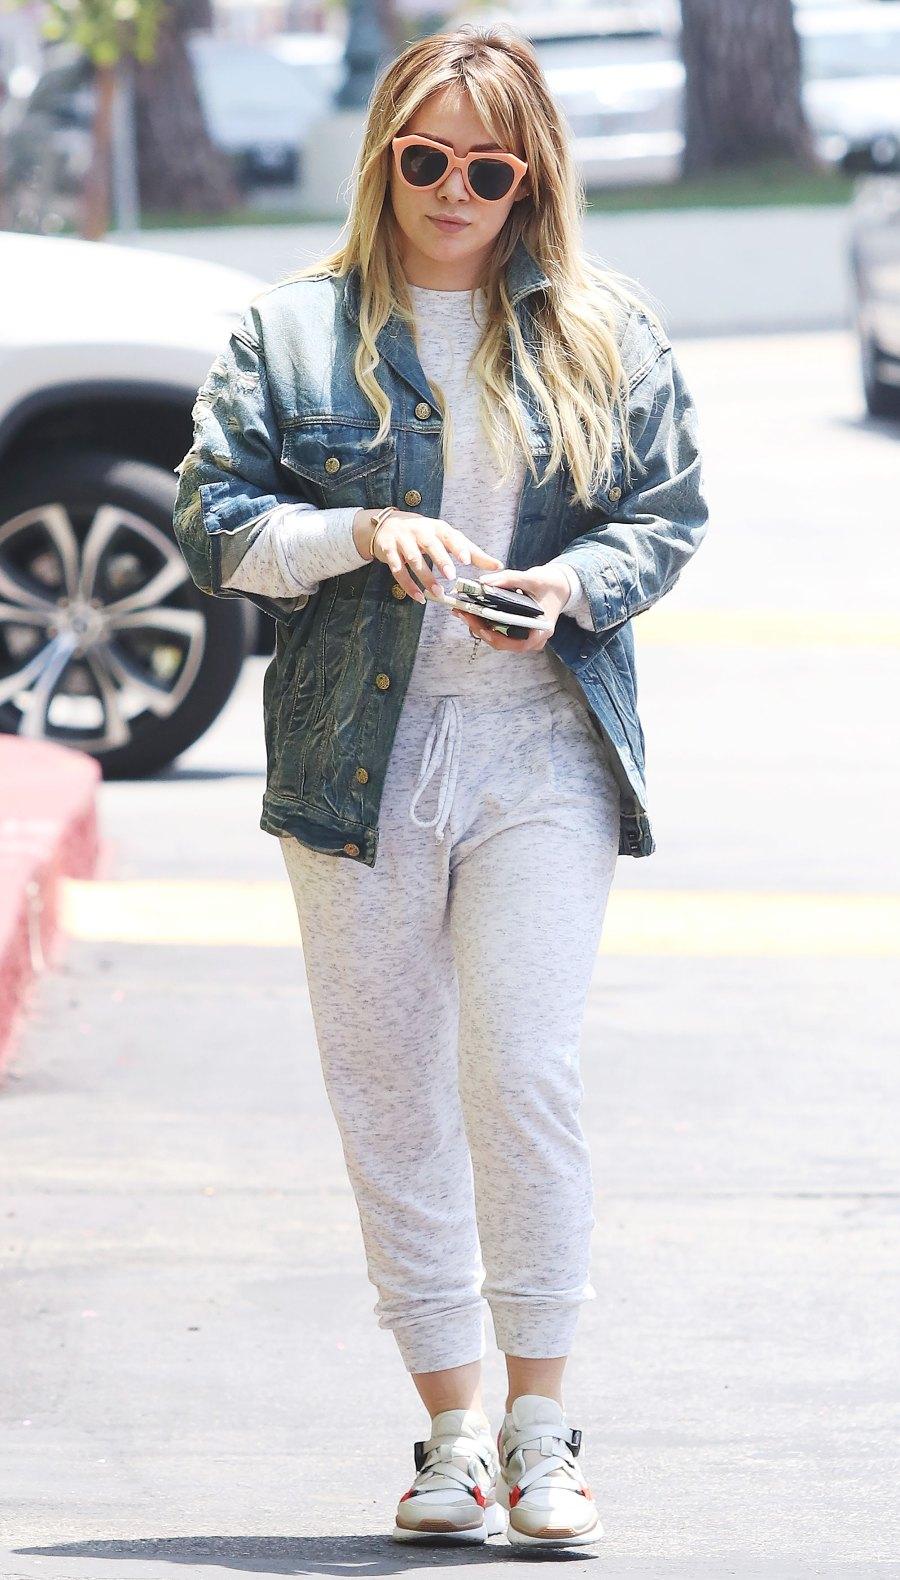 Celebs Wearing Sweats - Hilary Duff